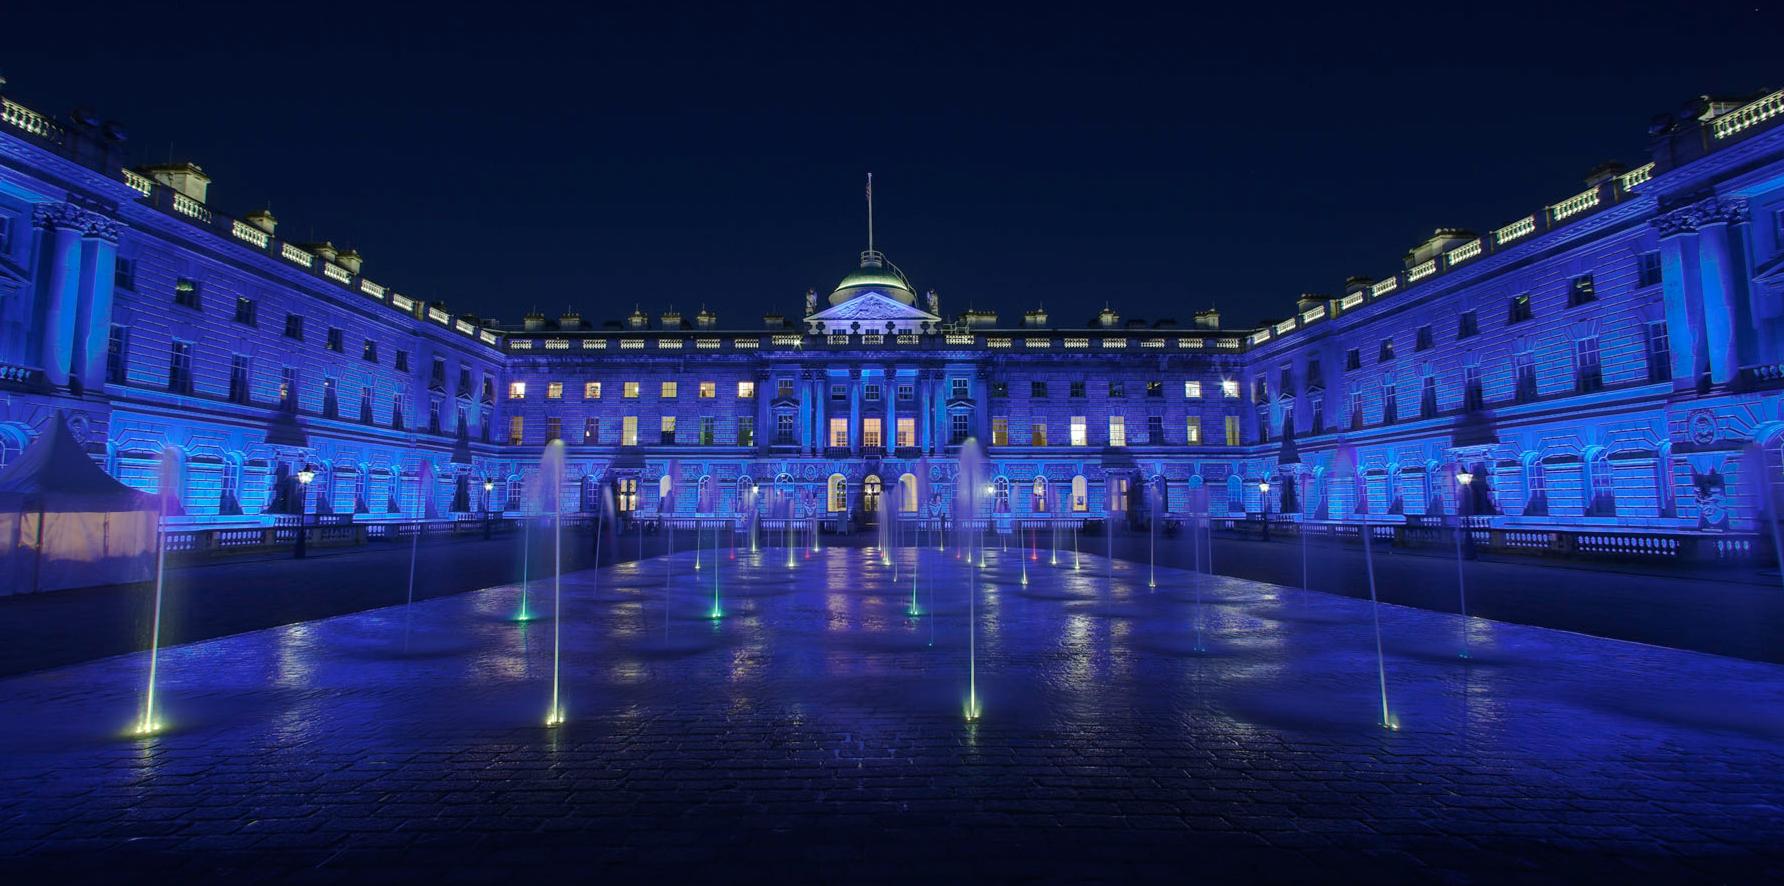 iluminat-arhitectural-blue